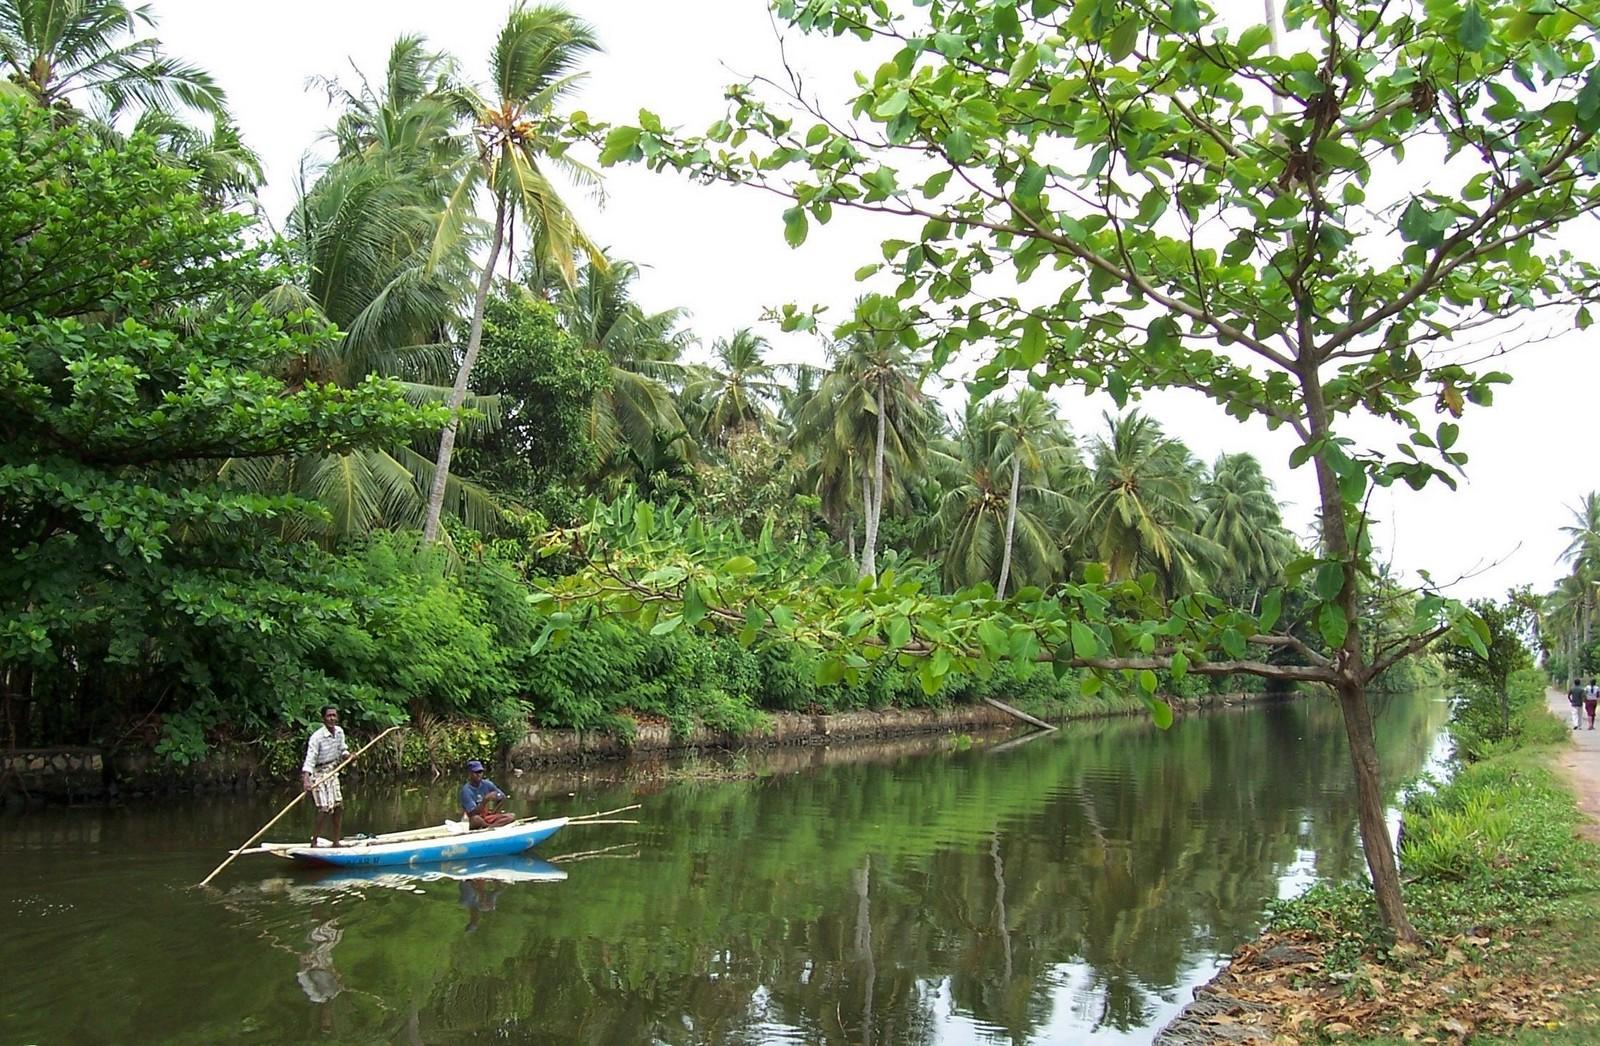 Dutch Canal bei Pamunugama